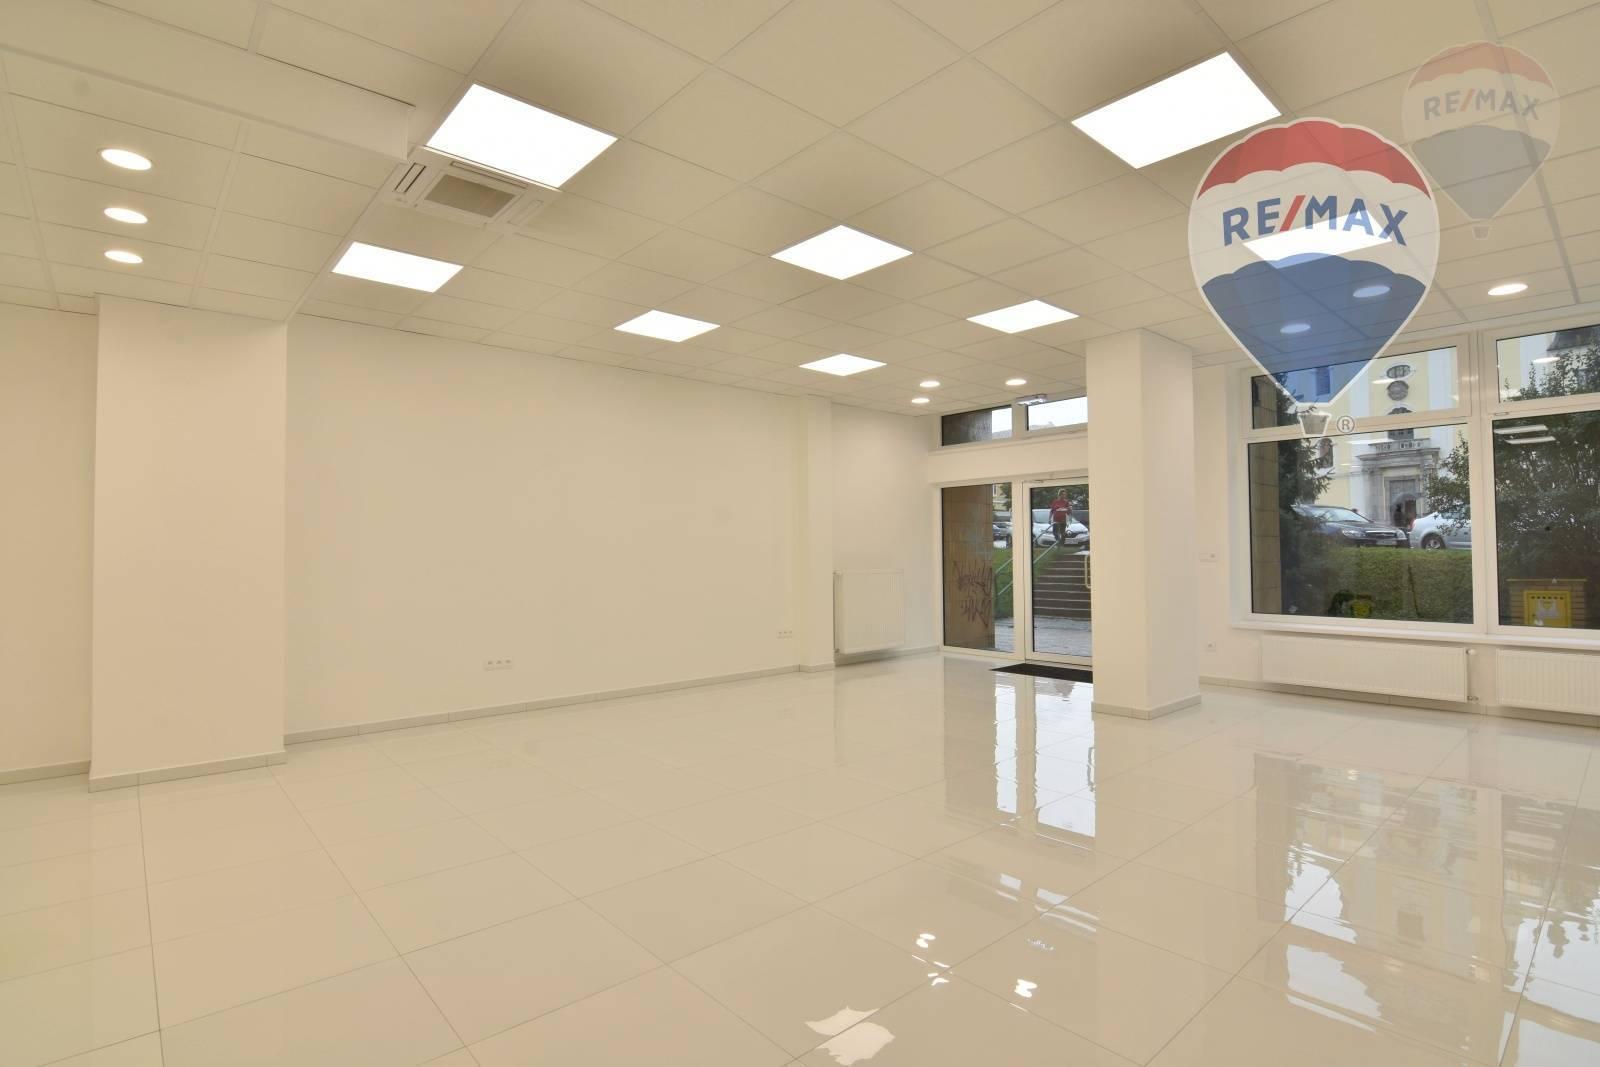 Podnikateľský priestor pre obchod , služby , sídlo firmy  77 m2  CENTRUM  Prievidza